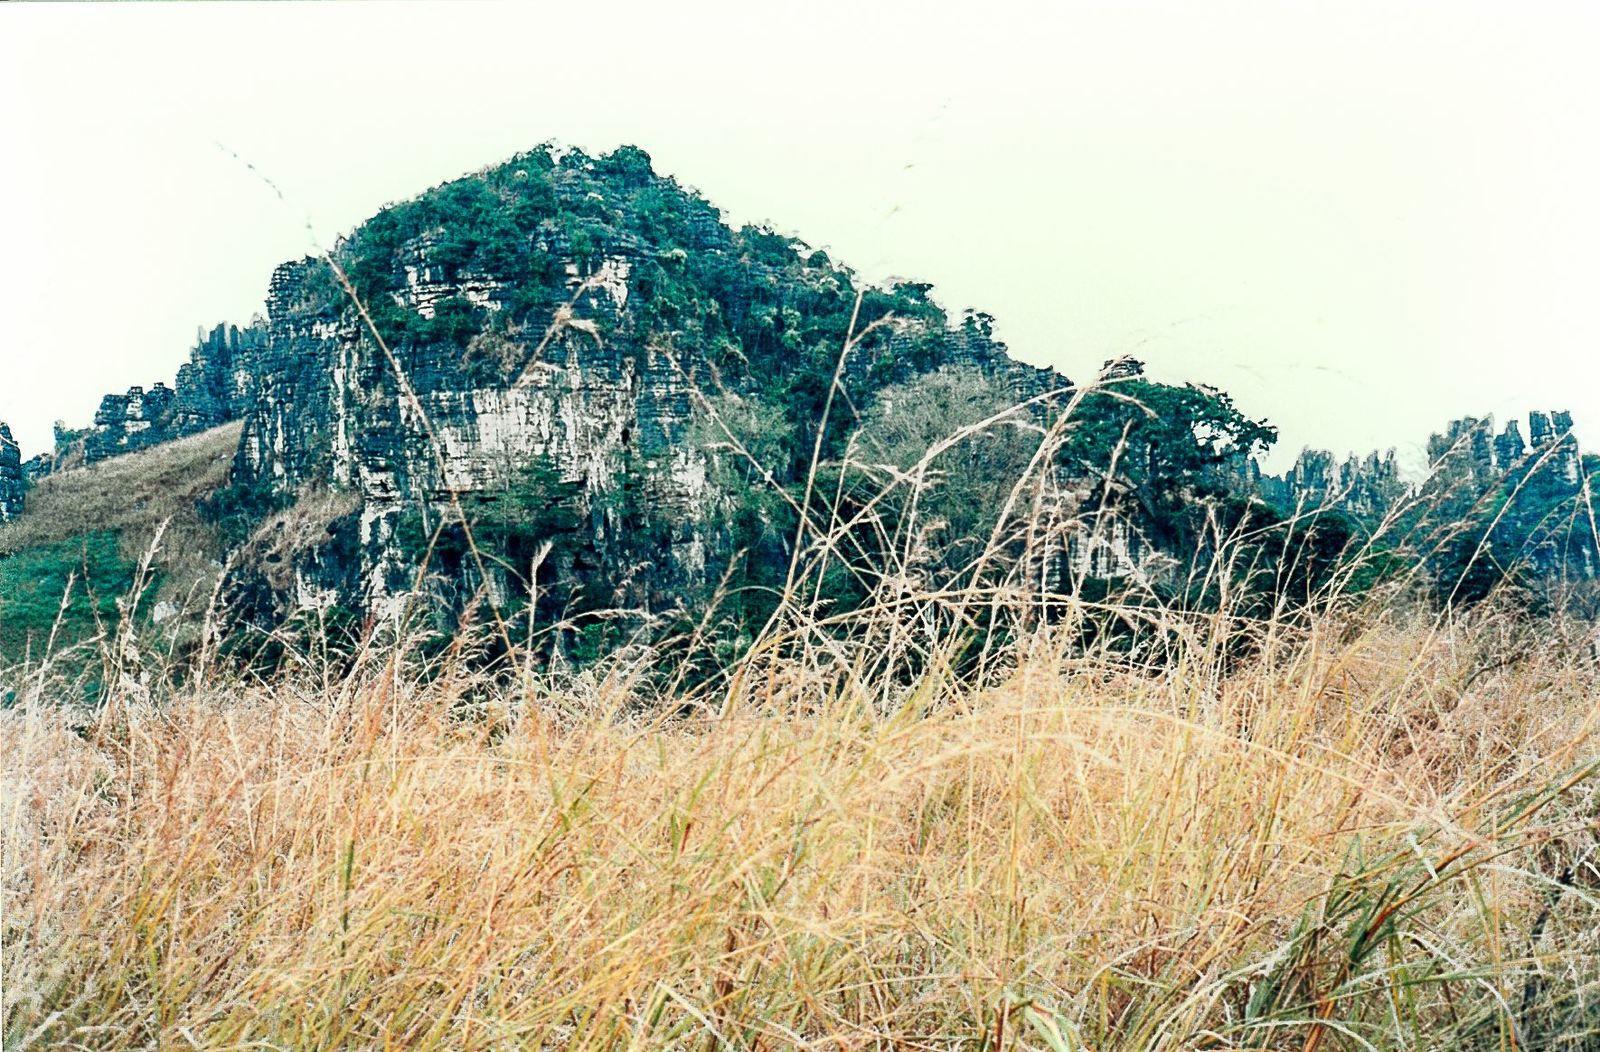 Les mêmes paysages à la saison sèche.